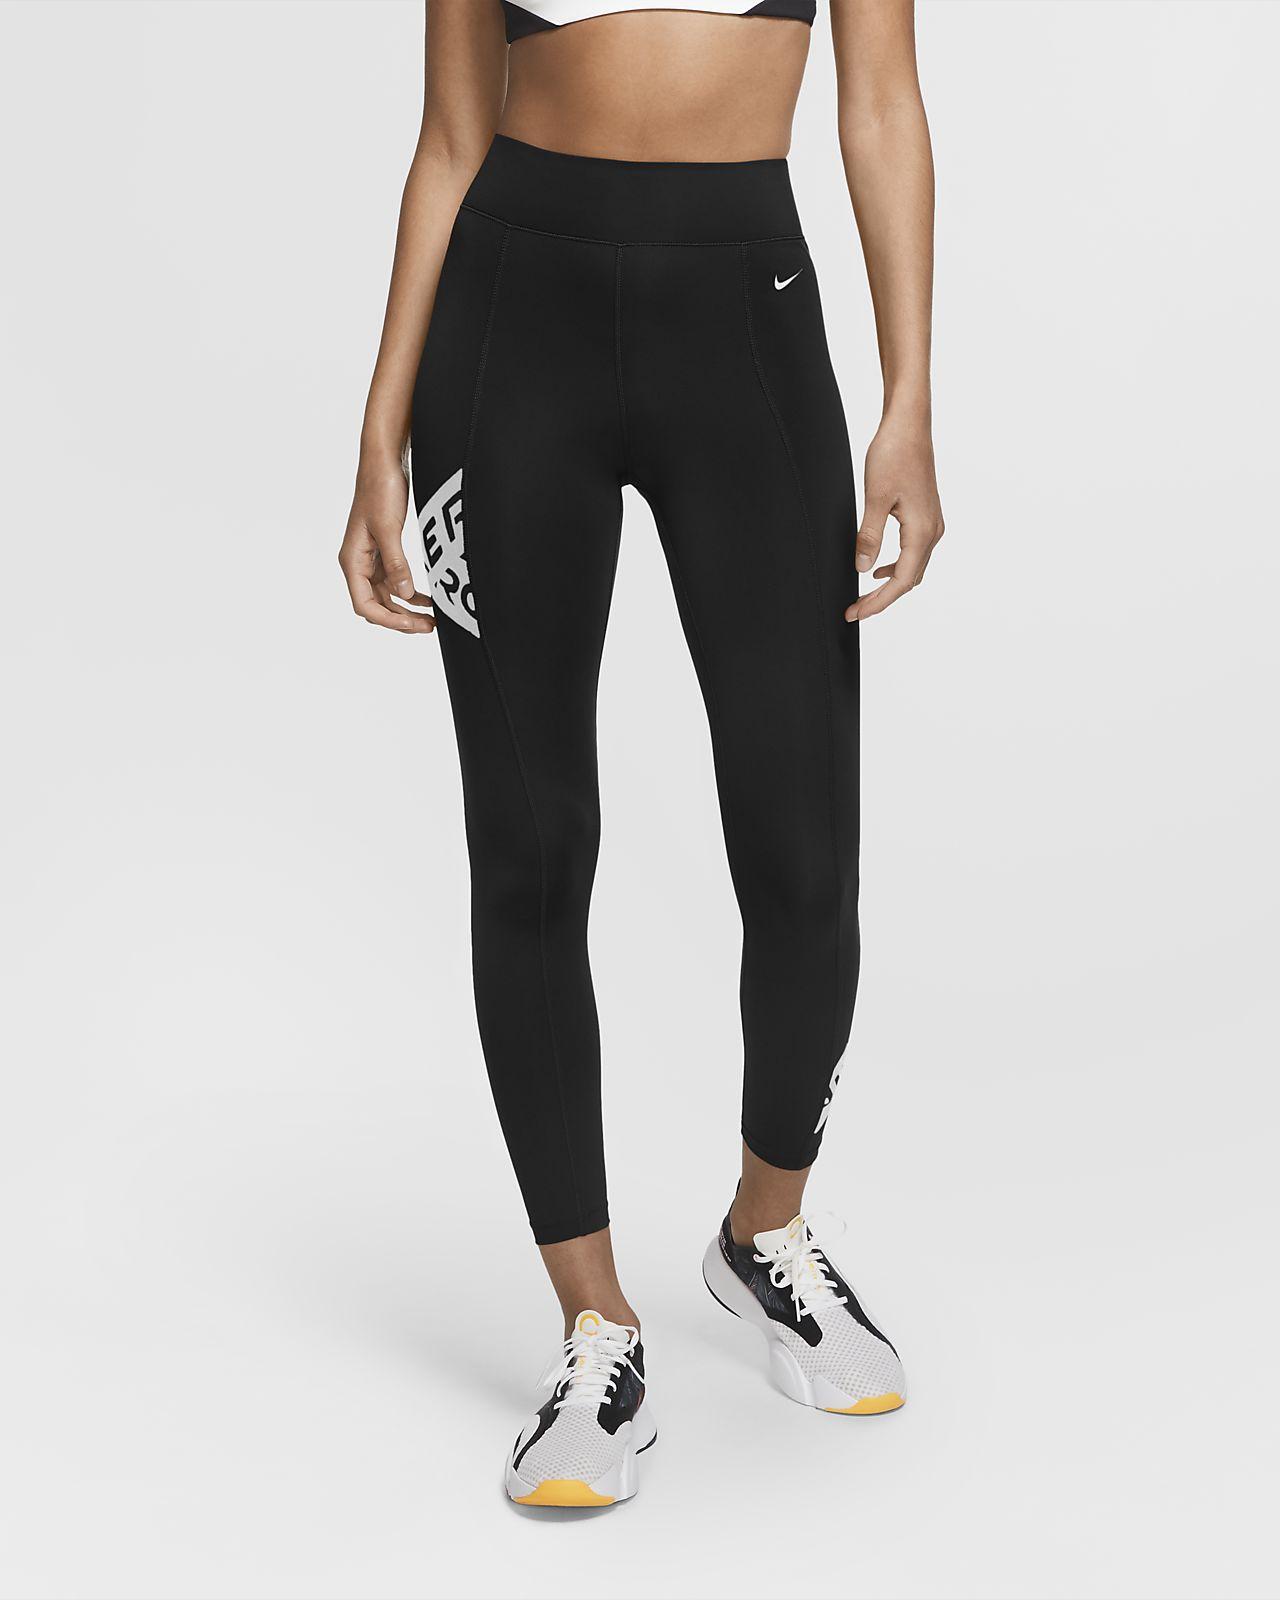 Nike Pro 7/8-tights met graphic voor dames